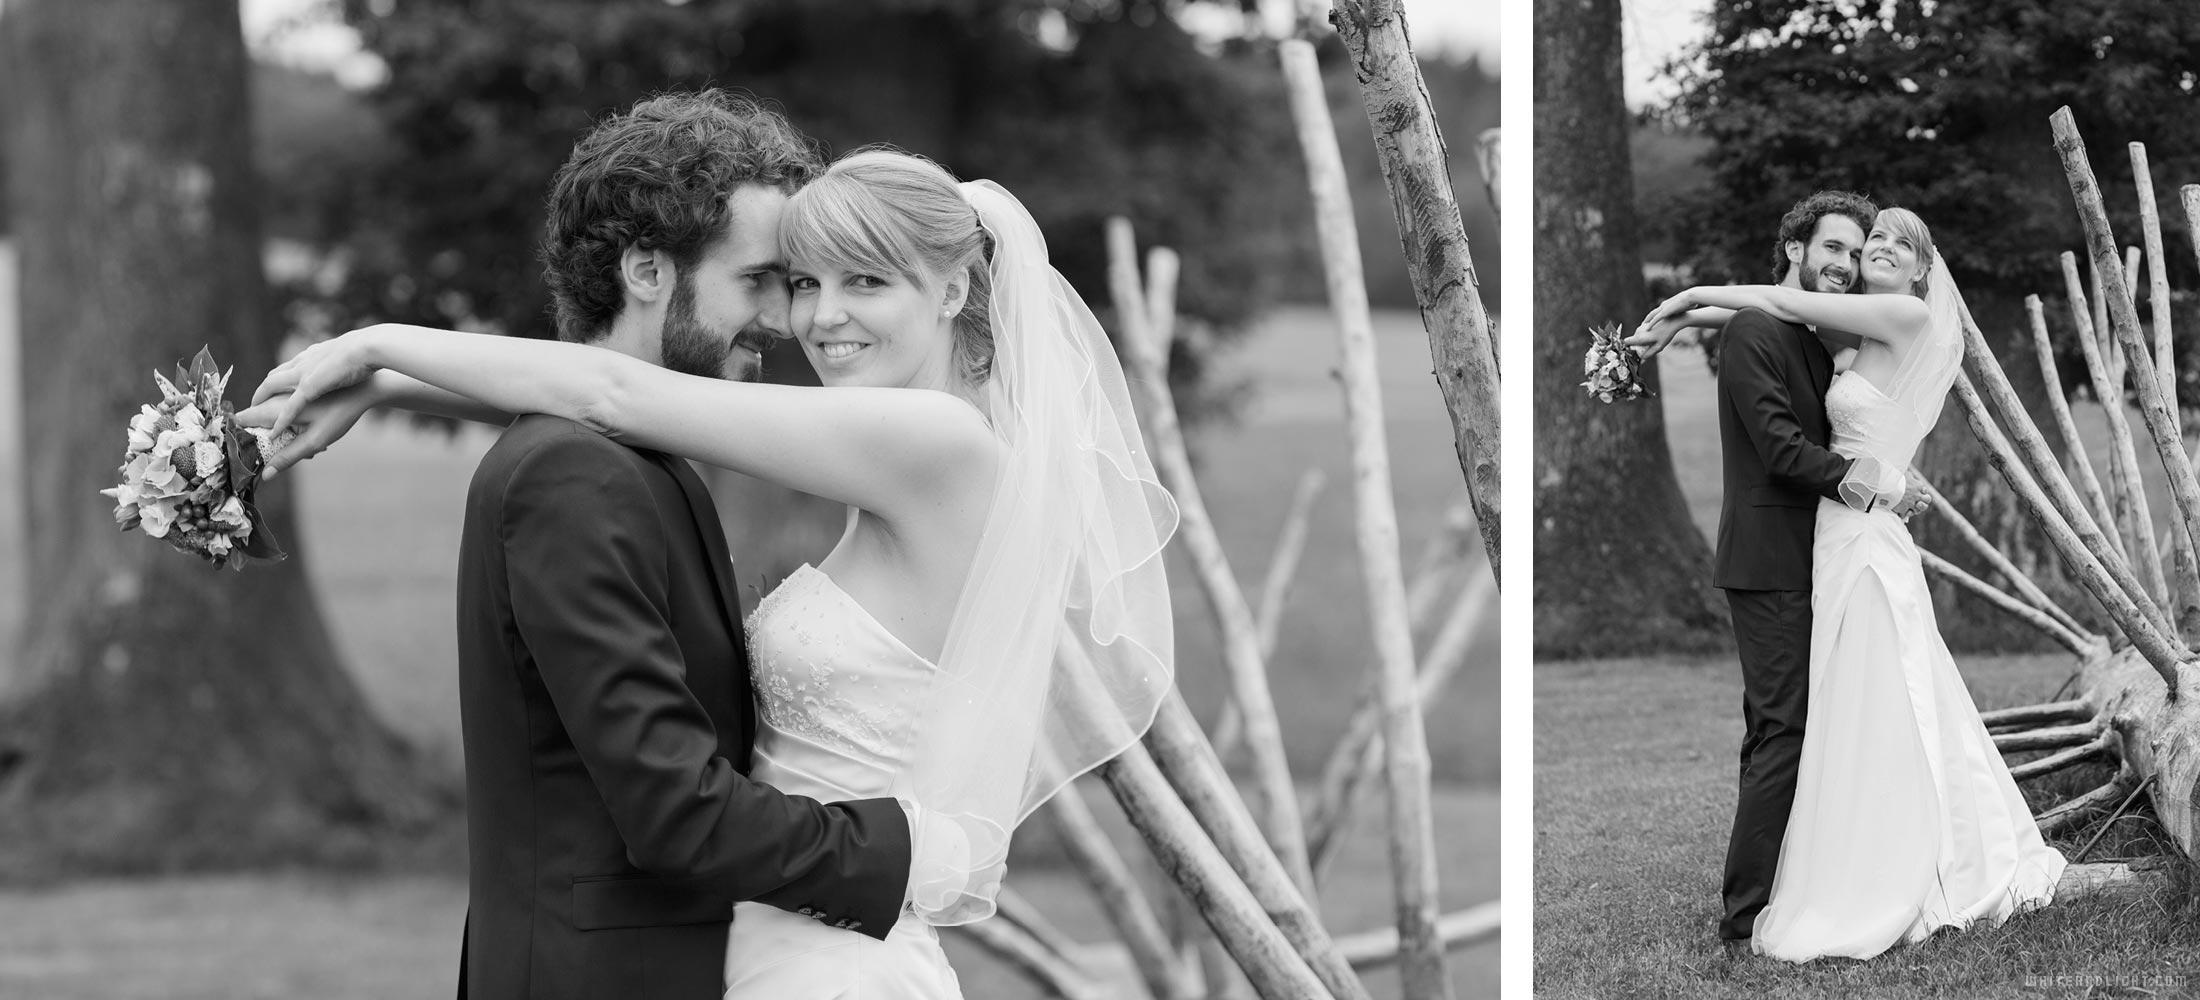 найти роскошного свадебного фотографа